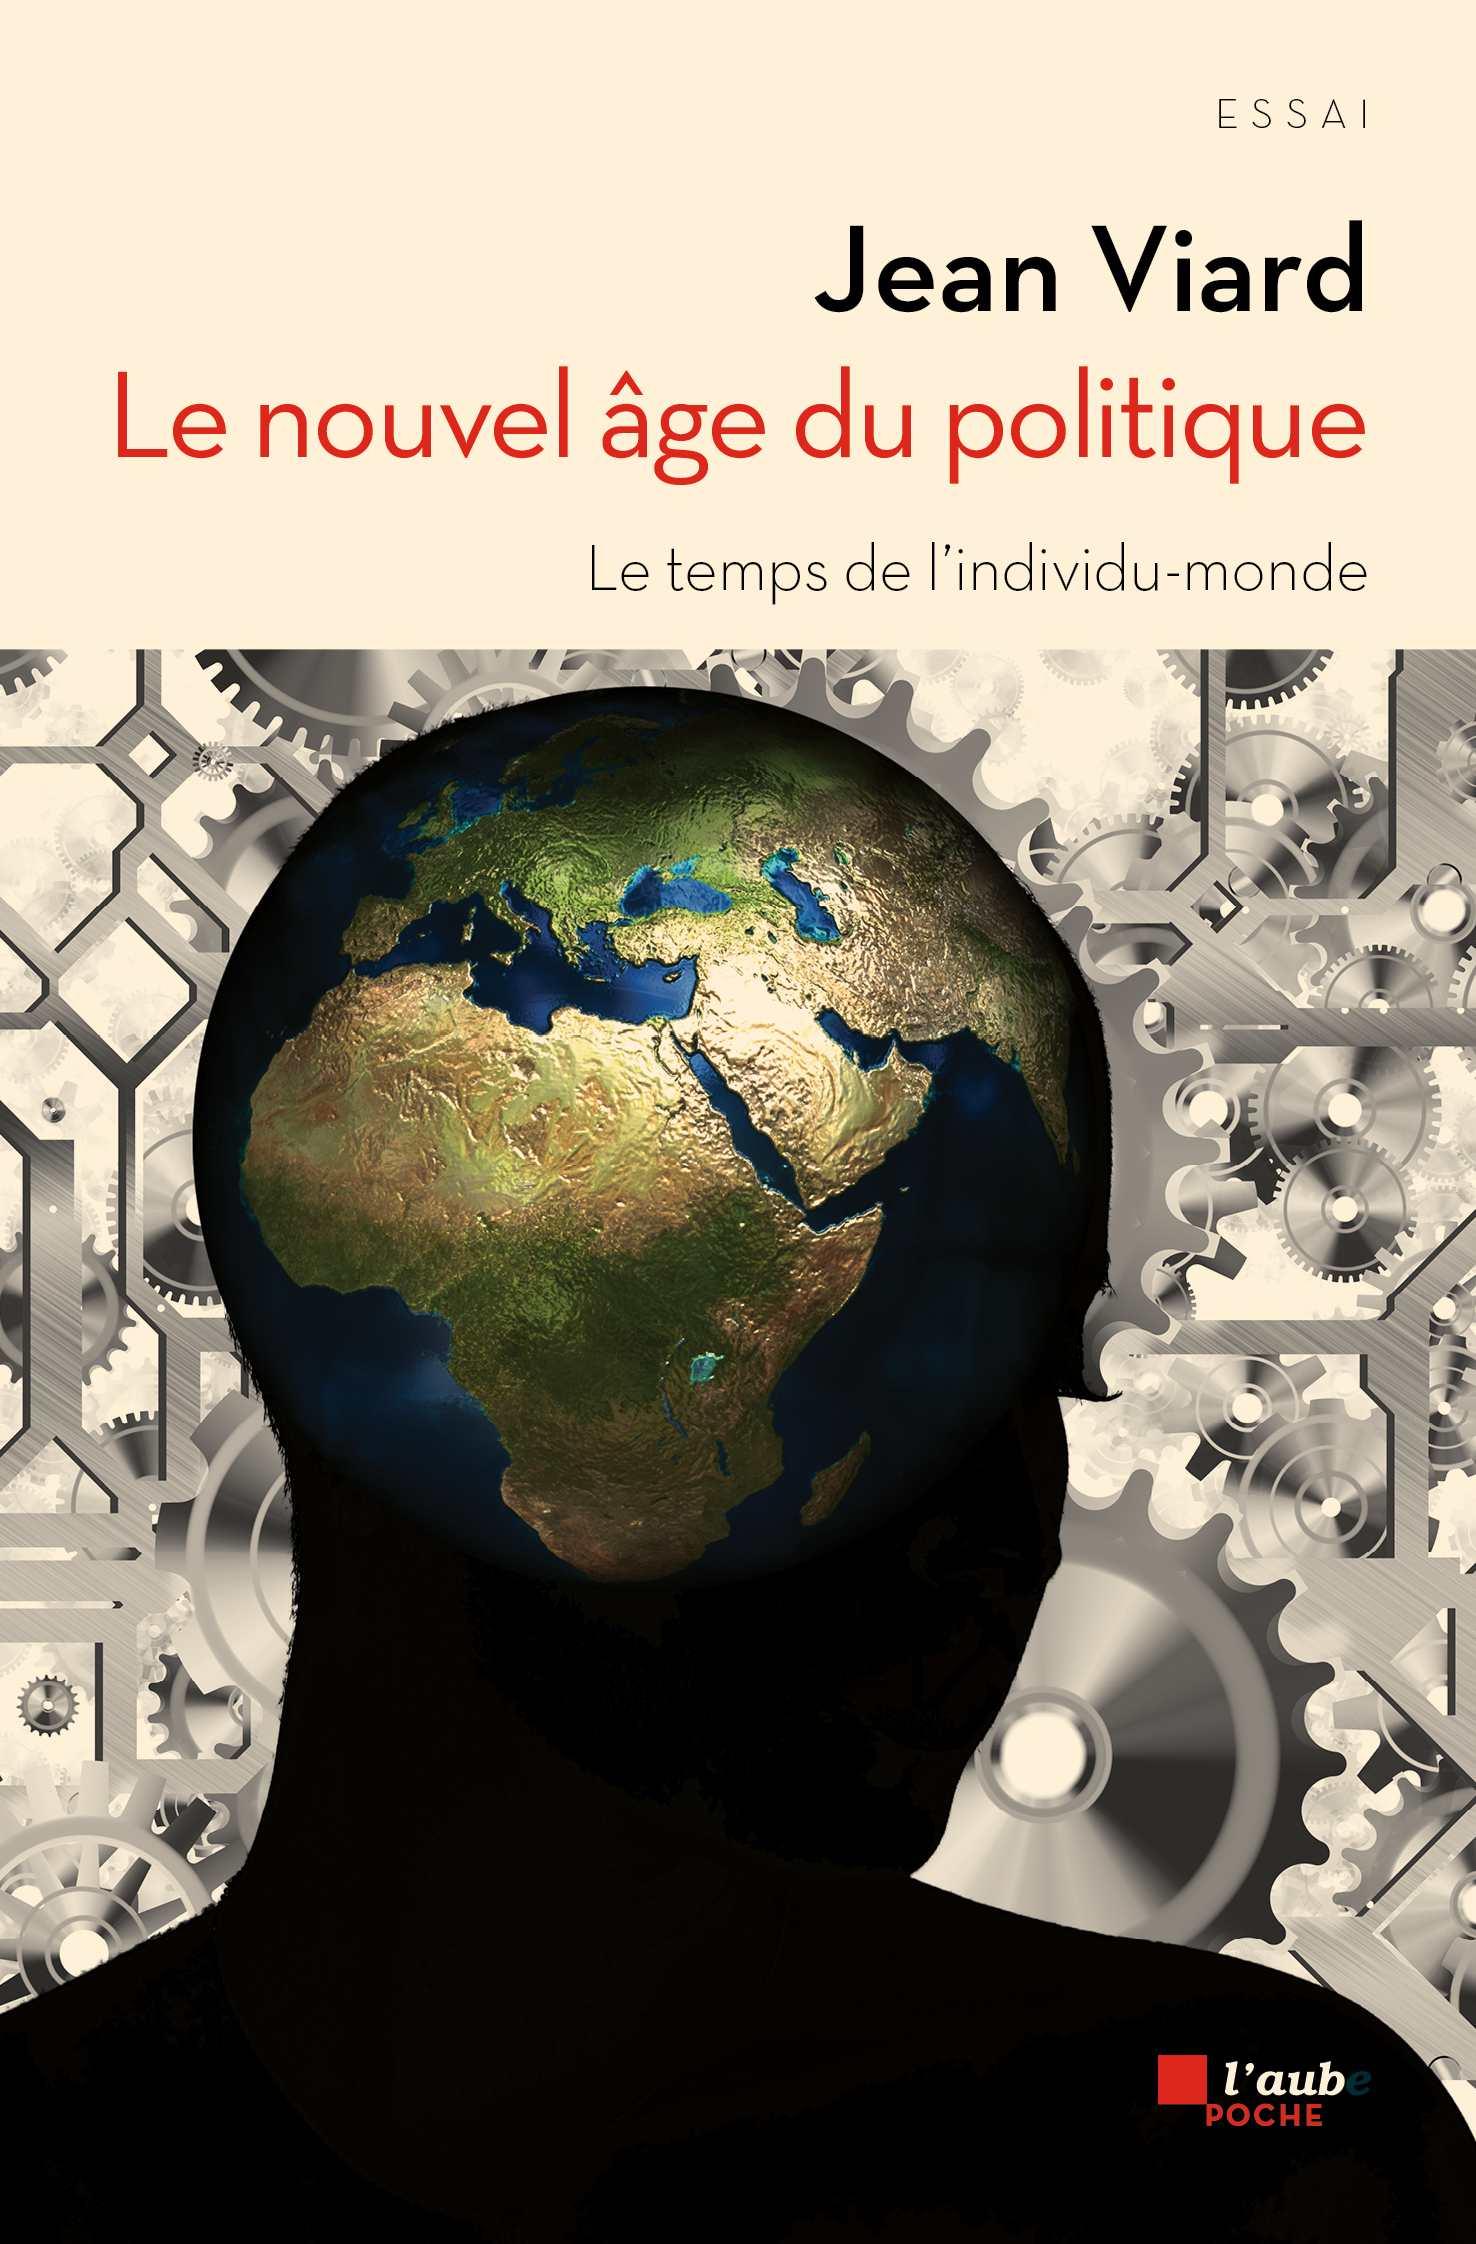 Le nouvel âge du politique